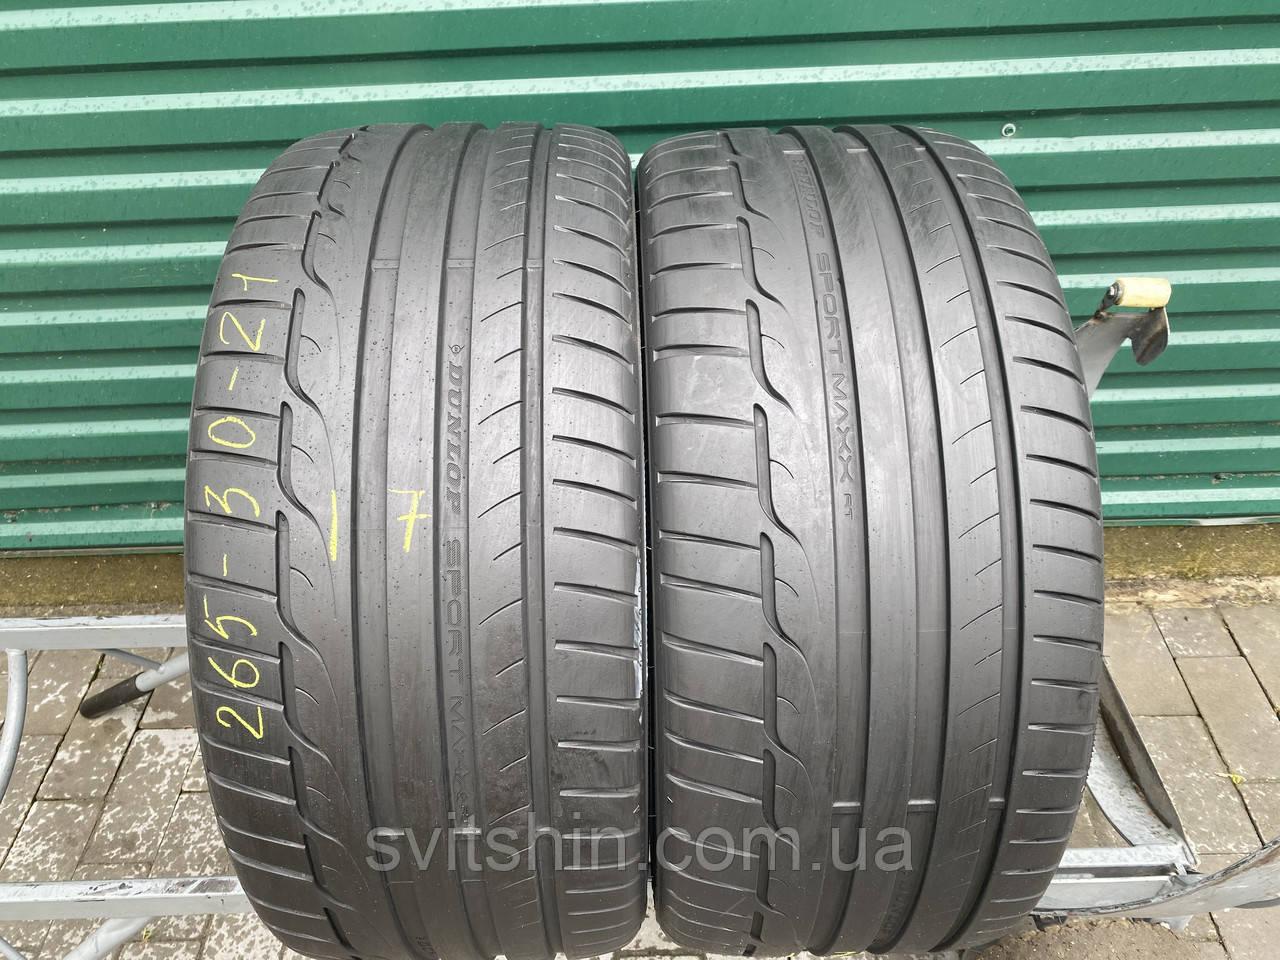 Шини літо 265/30R21 Dunlop SP Sport Maxx RT 6.5мм 17рік